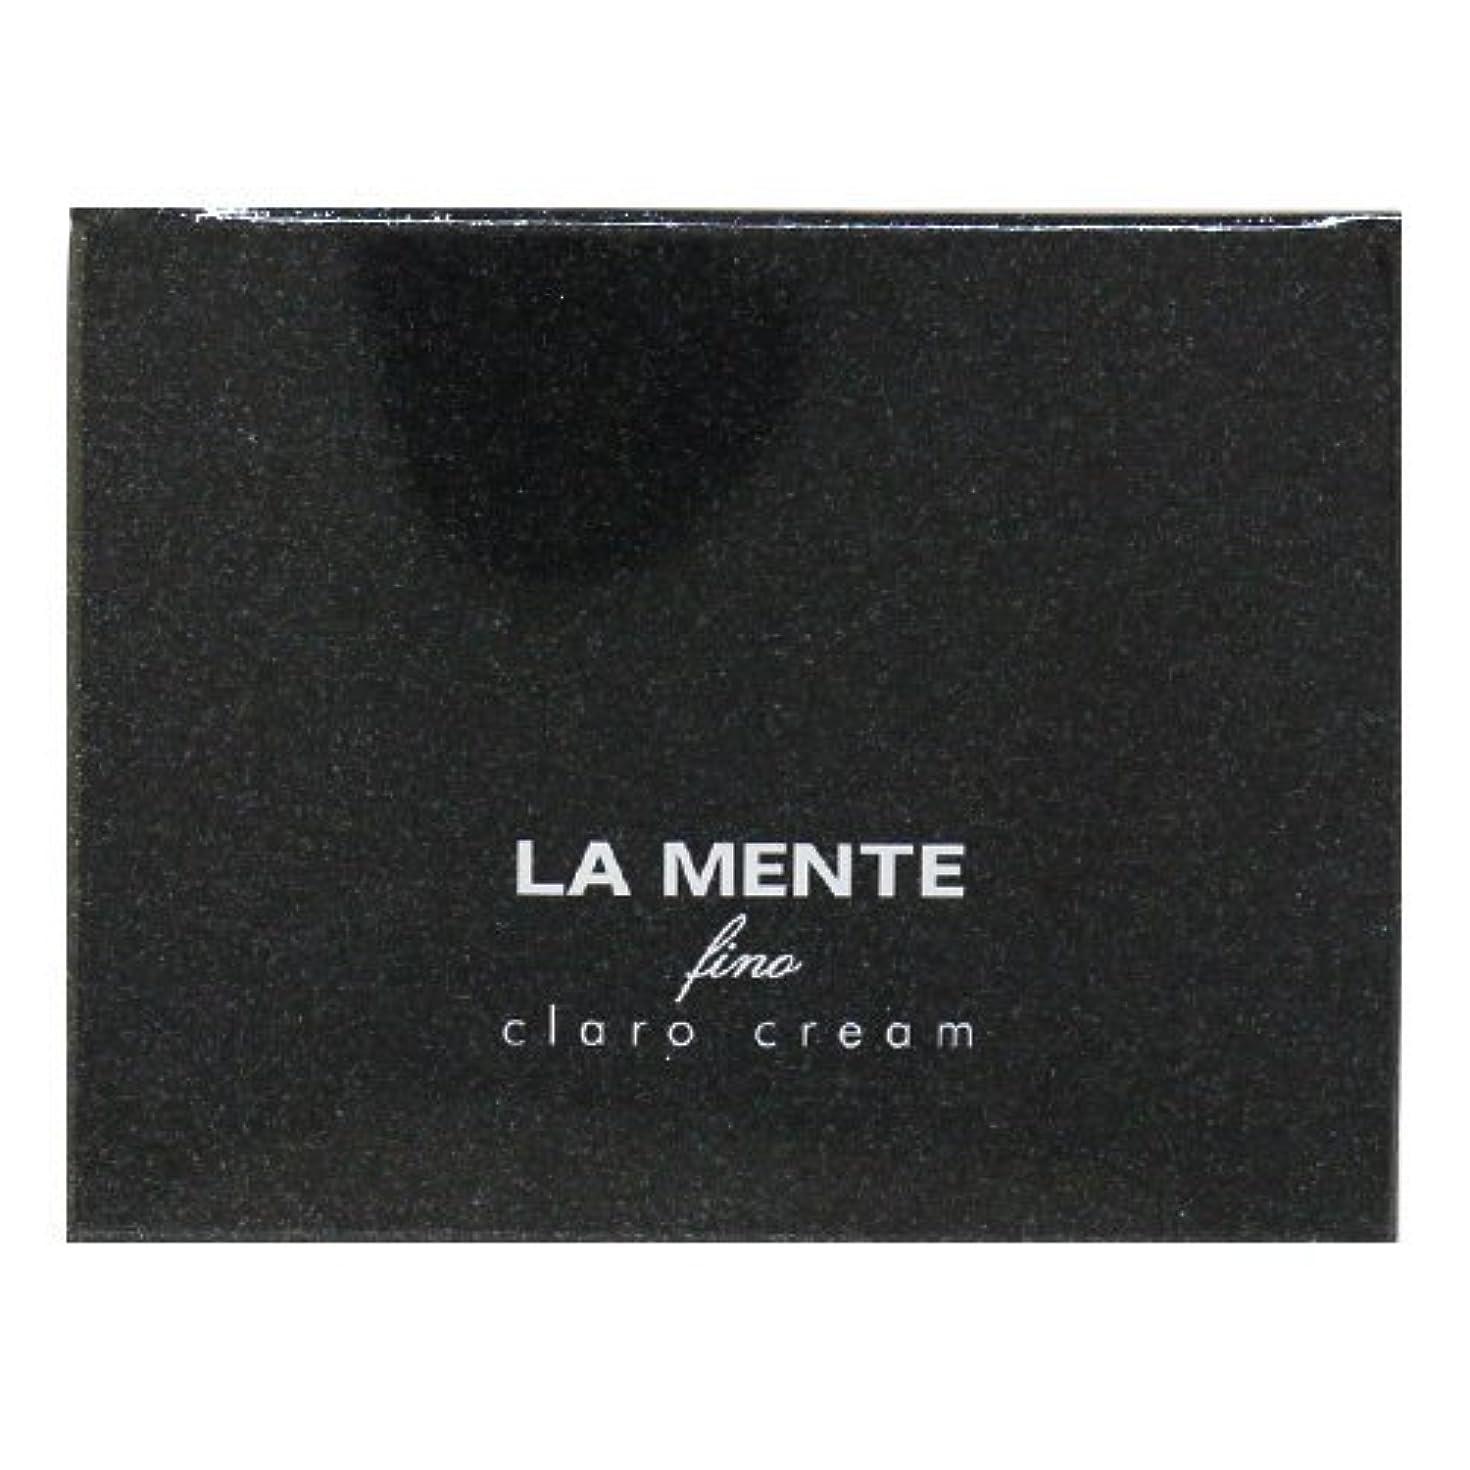 指導するダブル慣れているラメンテ フィーノ クラロクリーム 40g (4543802600963)